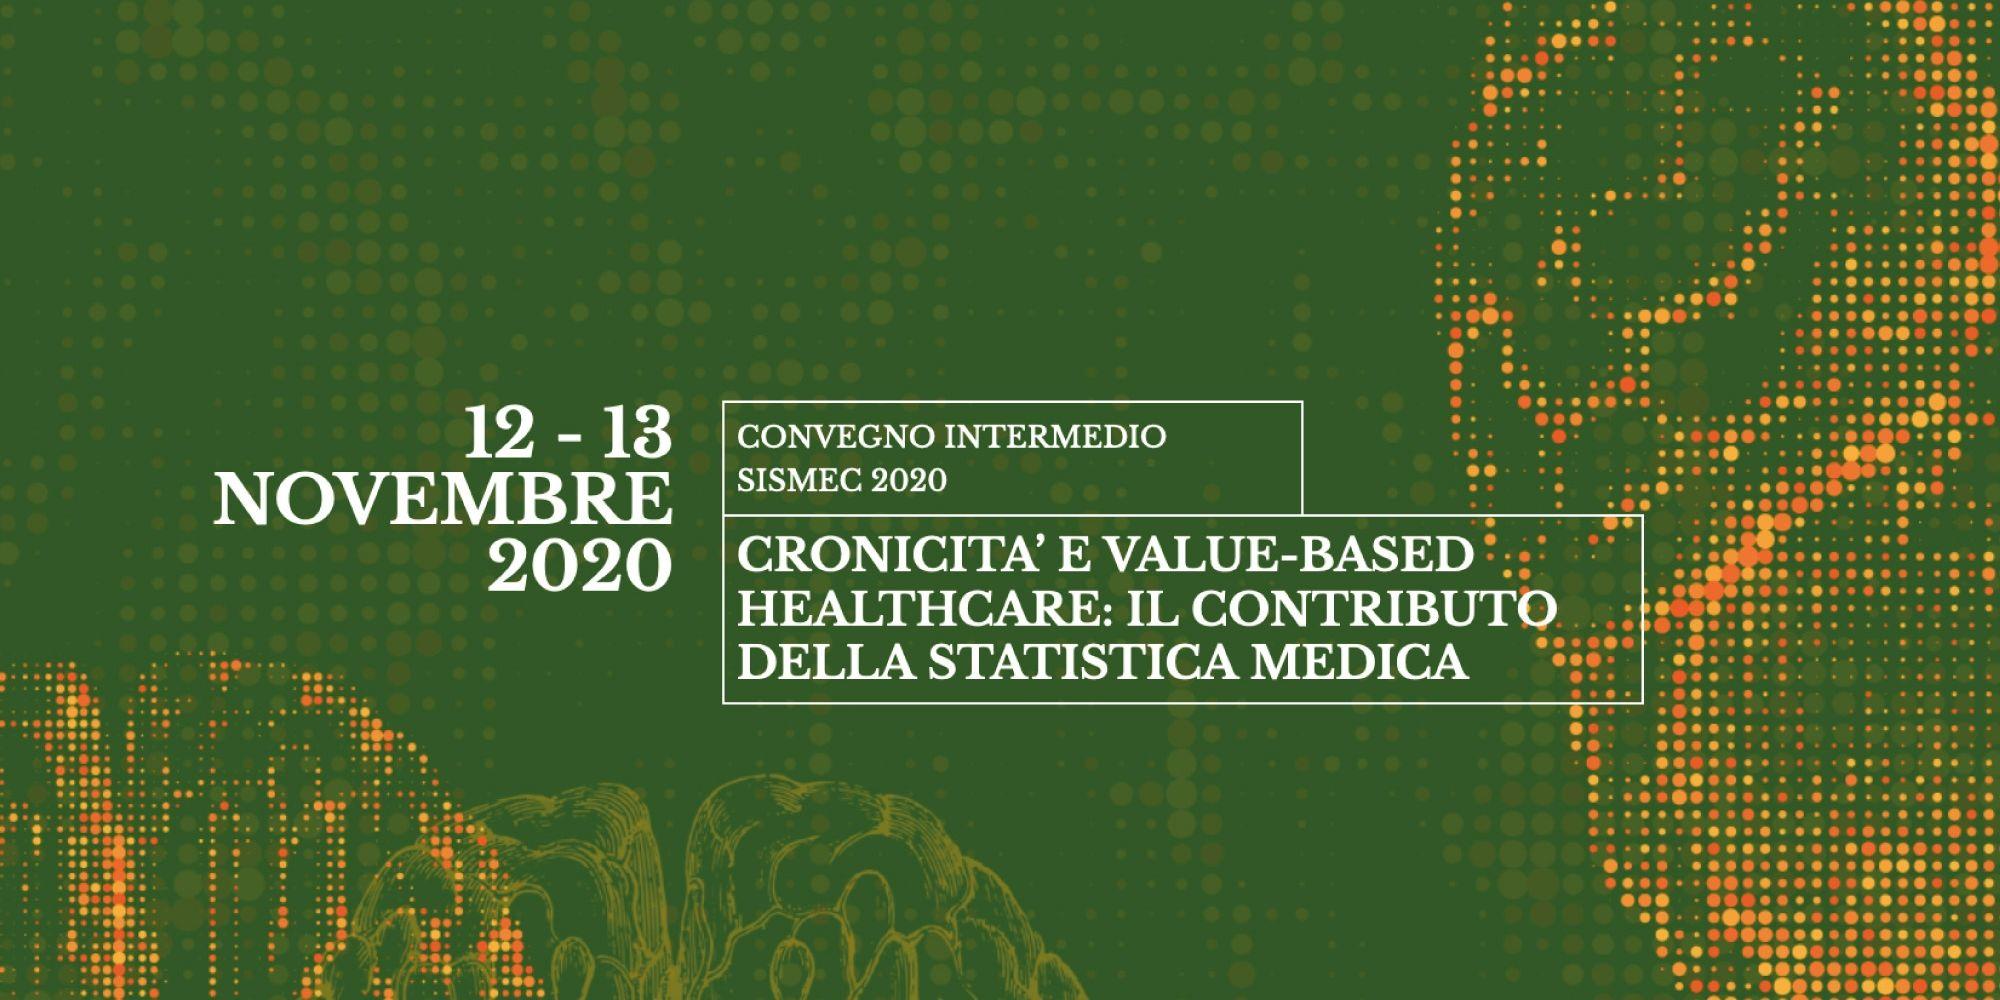 Congresso intermedio Sismec - Cronicità e value-based healthcare